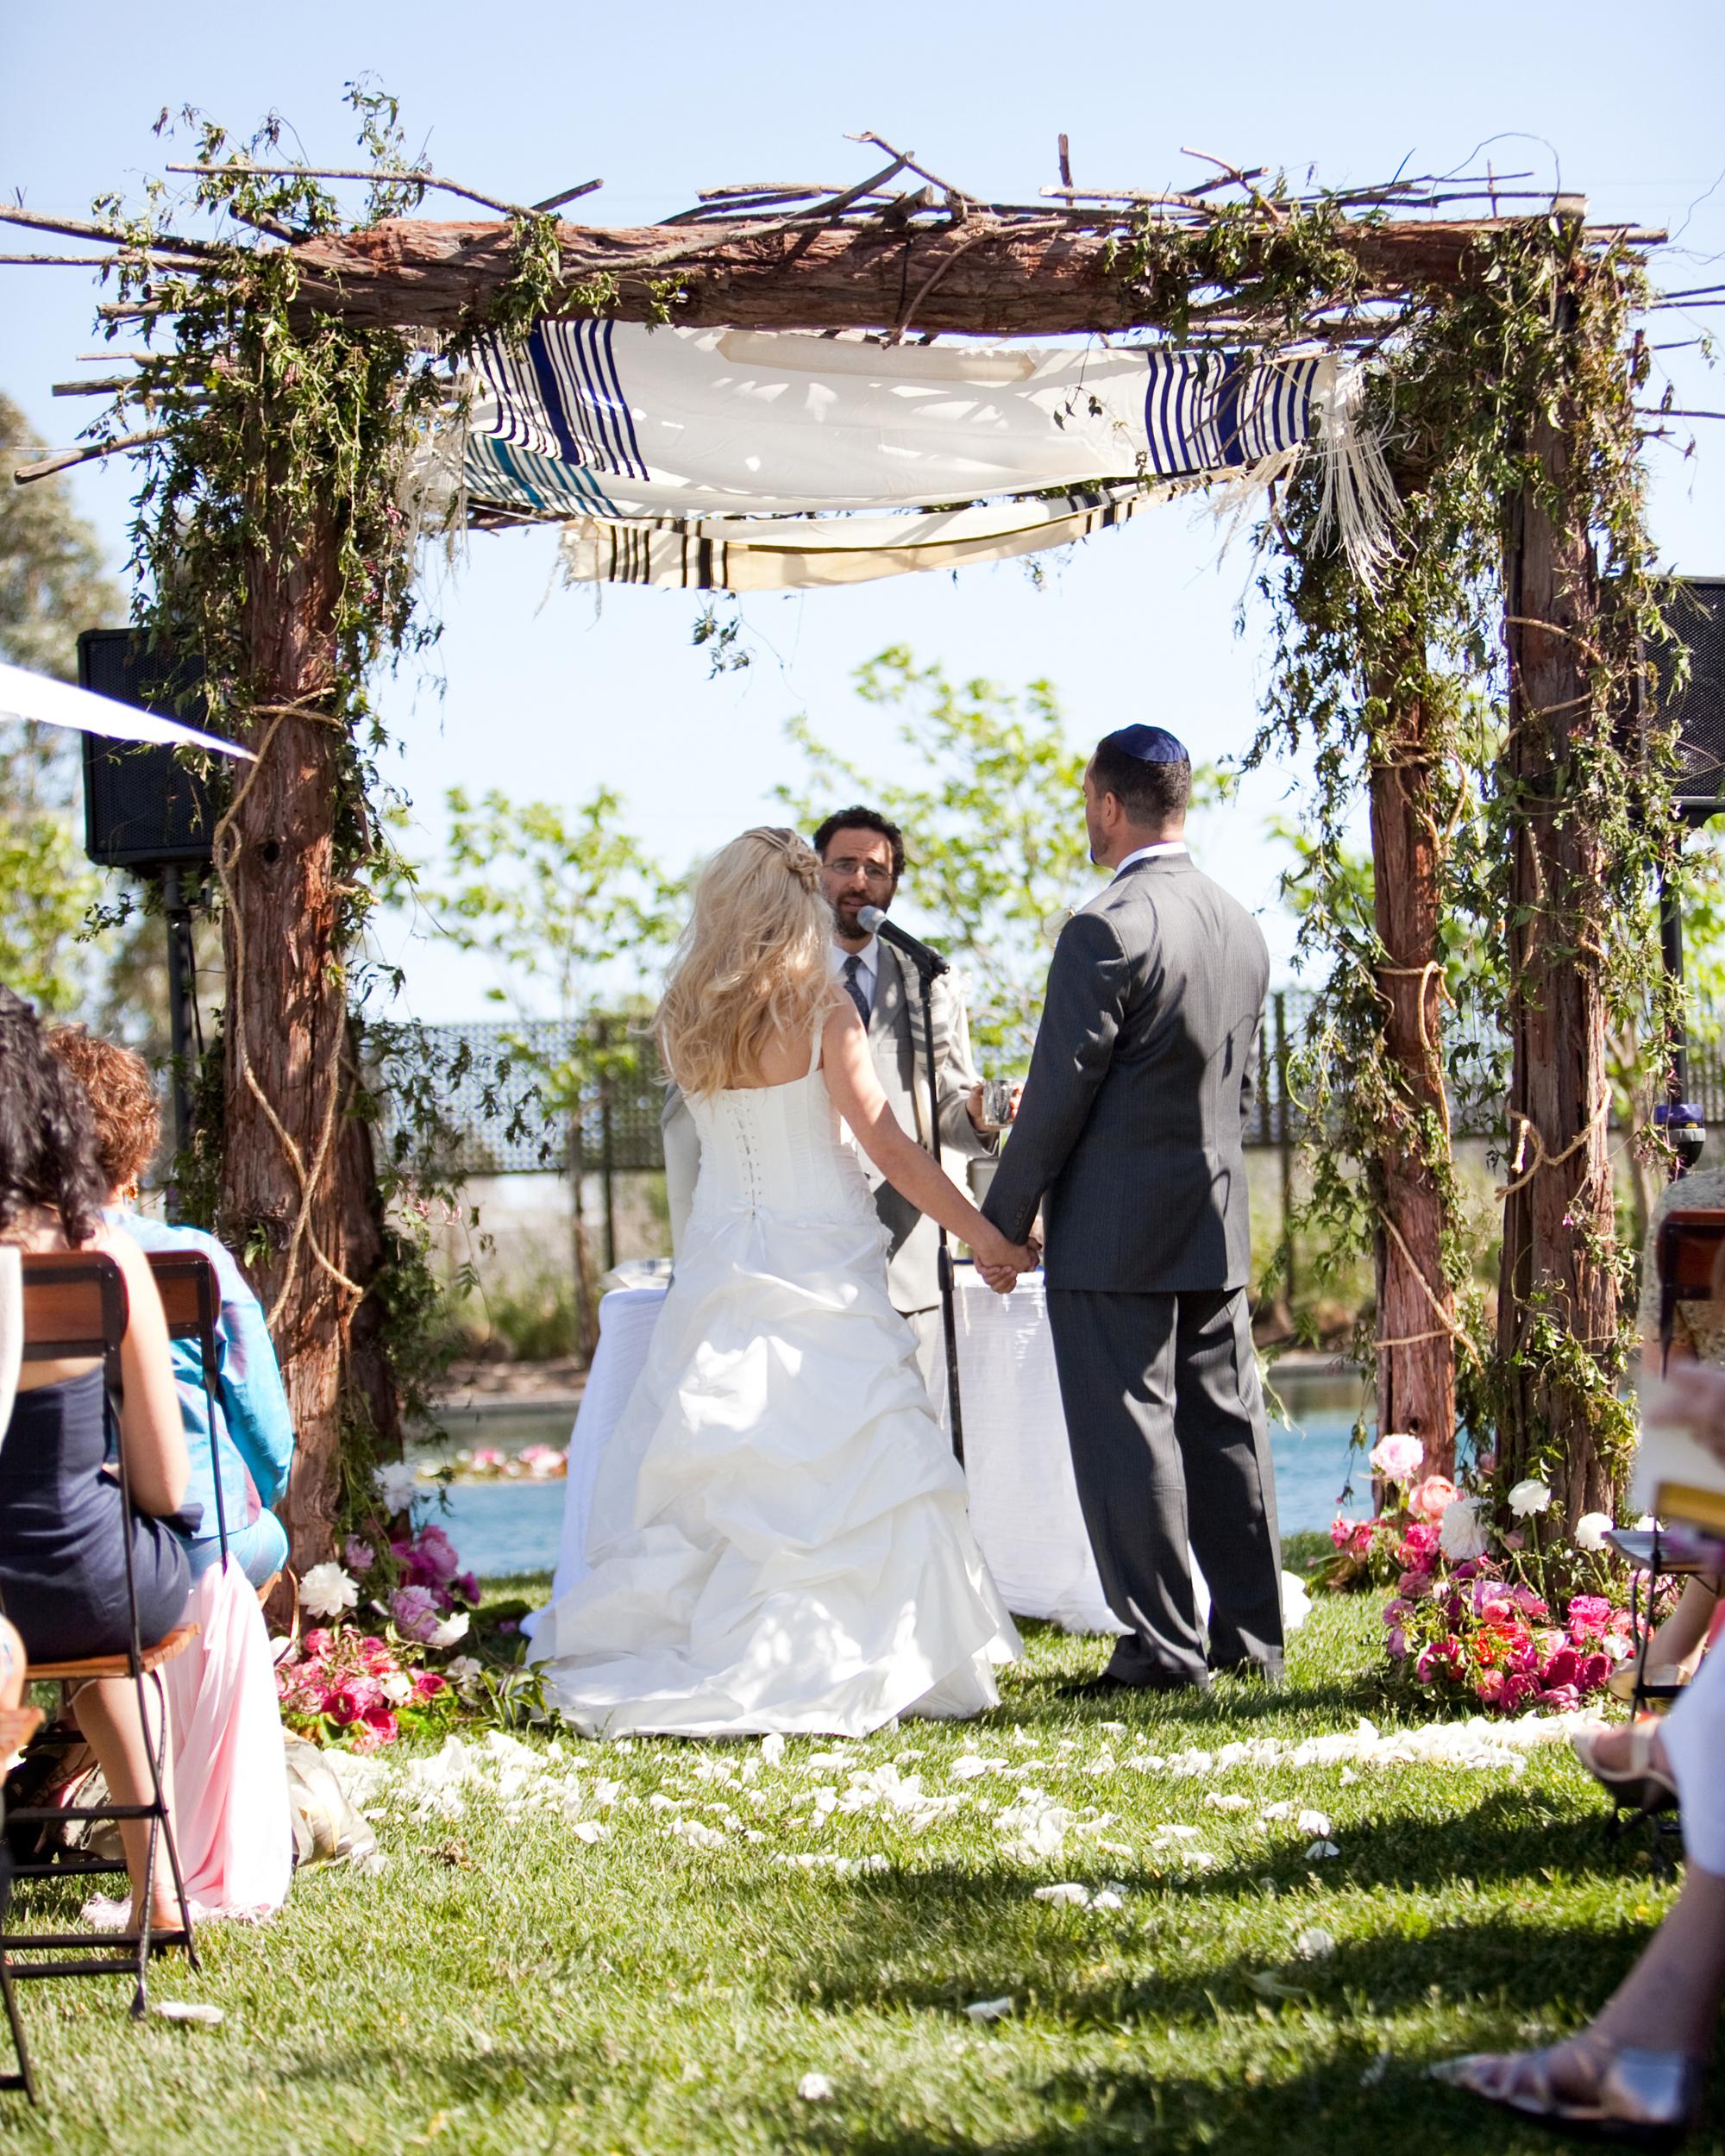 real-weddings-jen-ben-0811-231.jpg